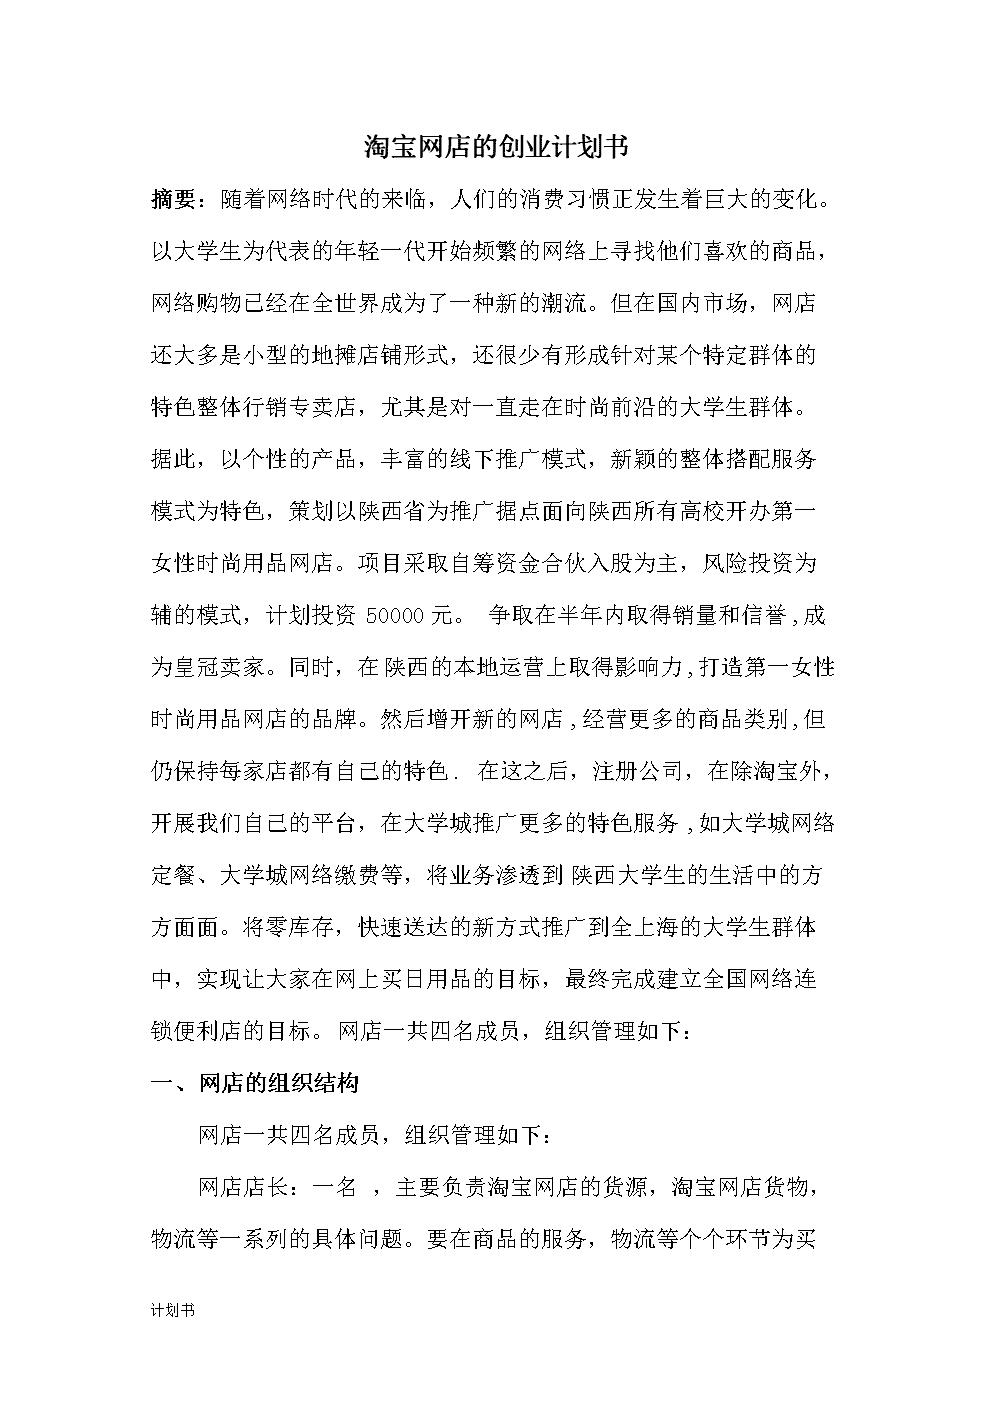 关于淘宝网店项目计划书.doc